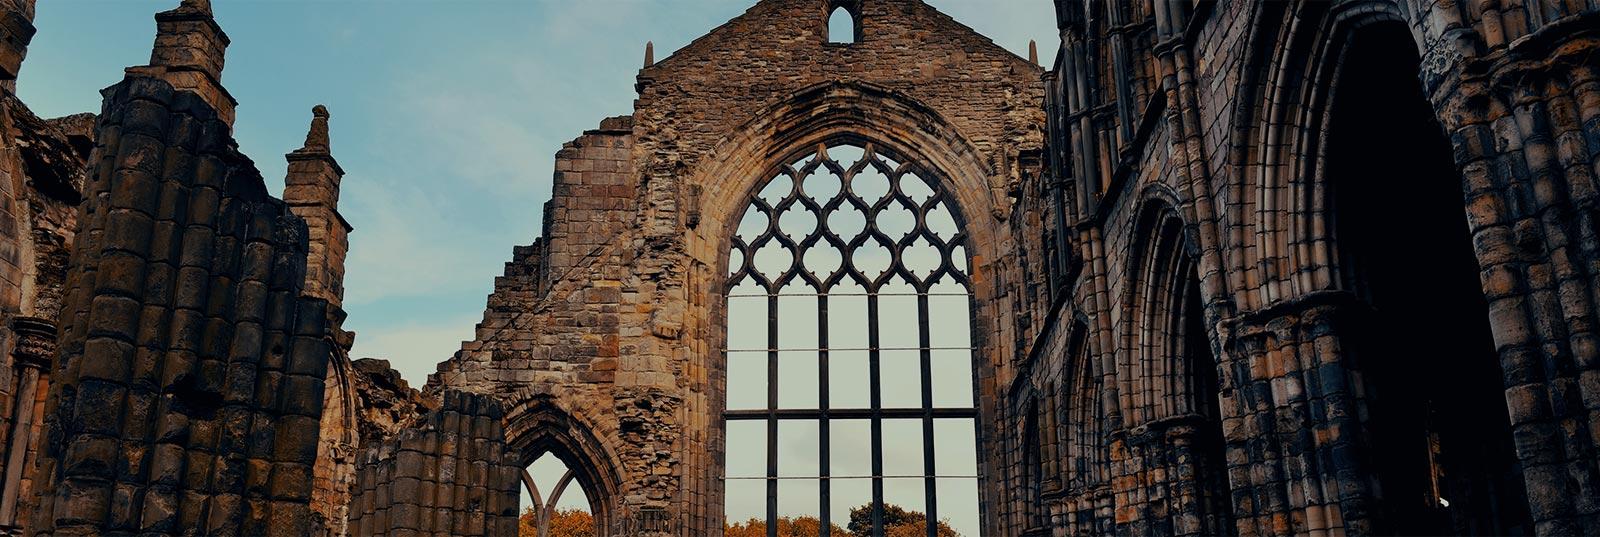 Guía turística de Edinburgh